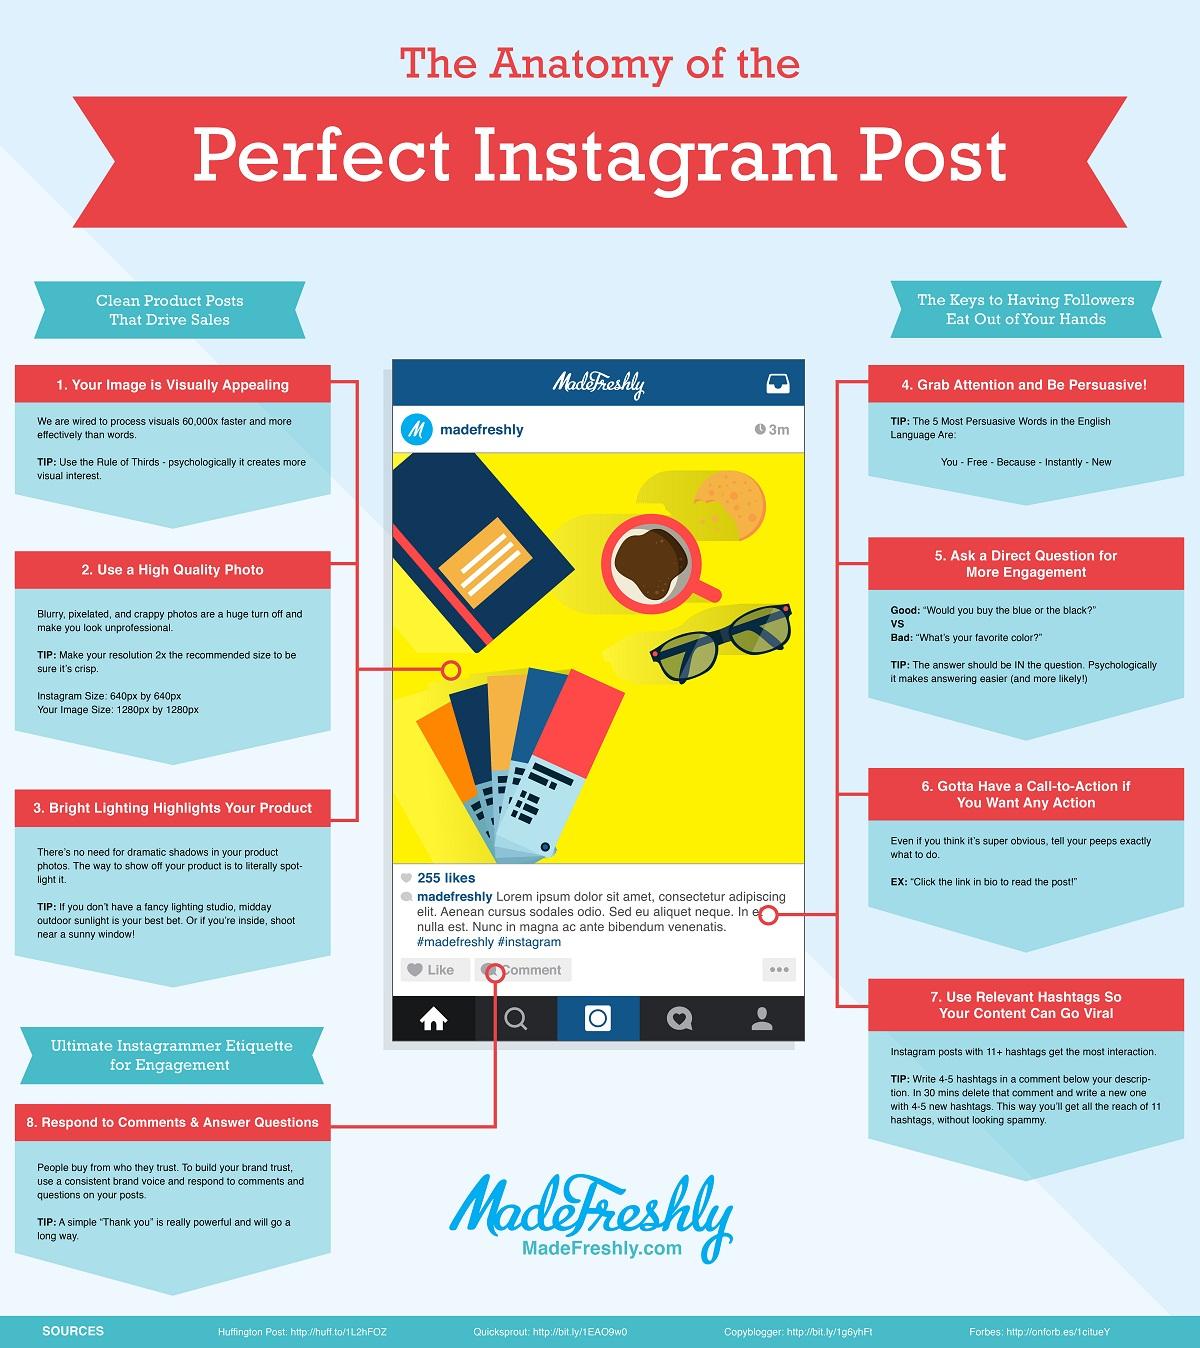 Anatomía del post perfecto en Instagram #infografia #infographic #socialmedia